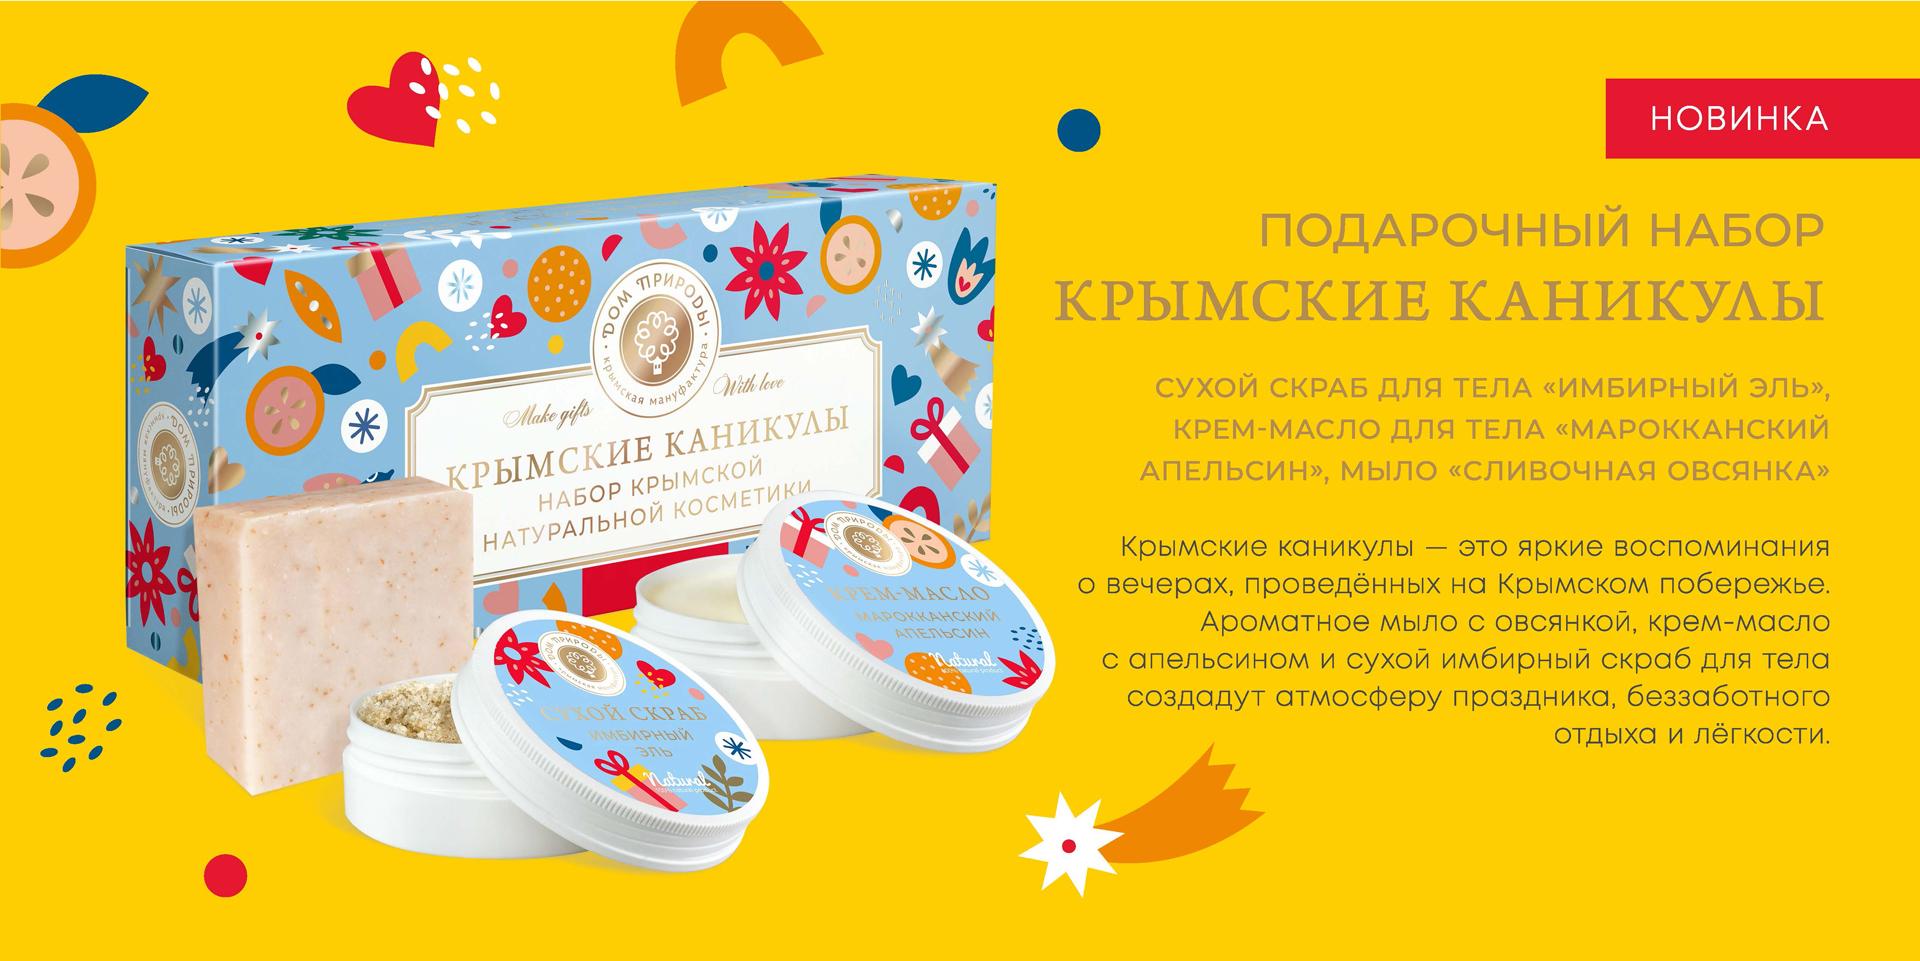 Подарочный набор мини Крымские каникулы